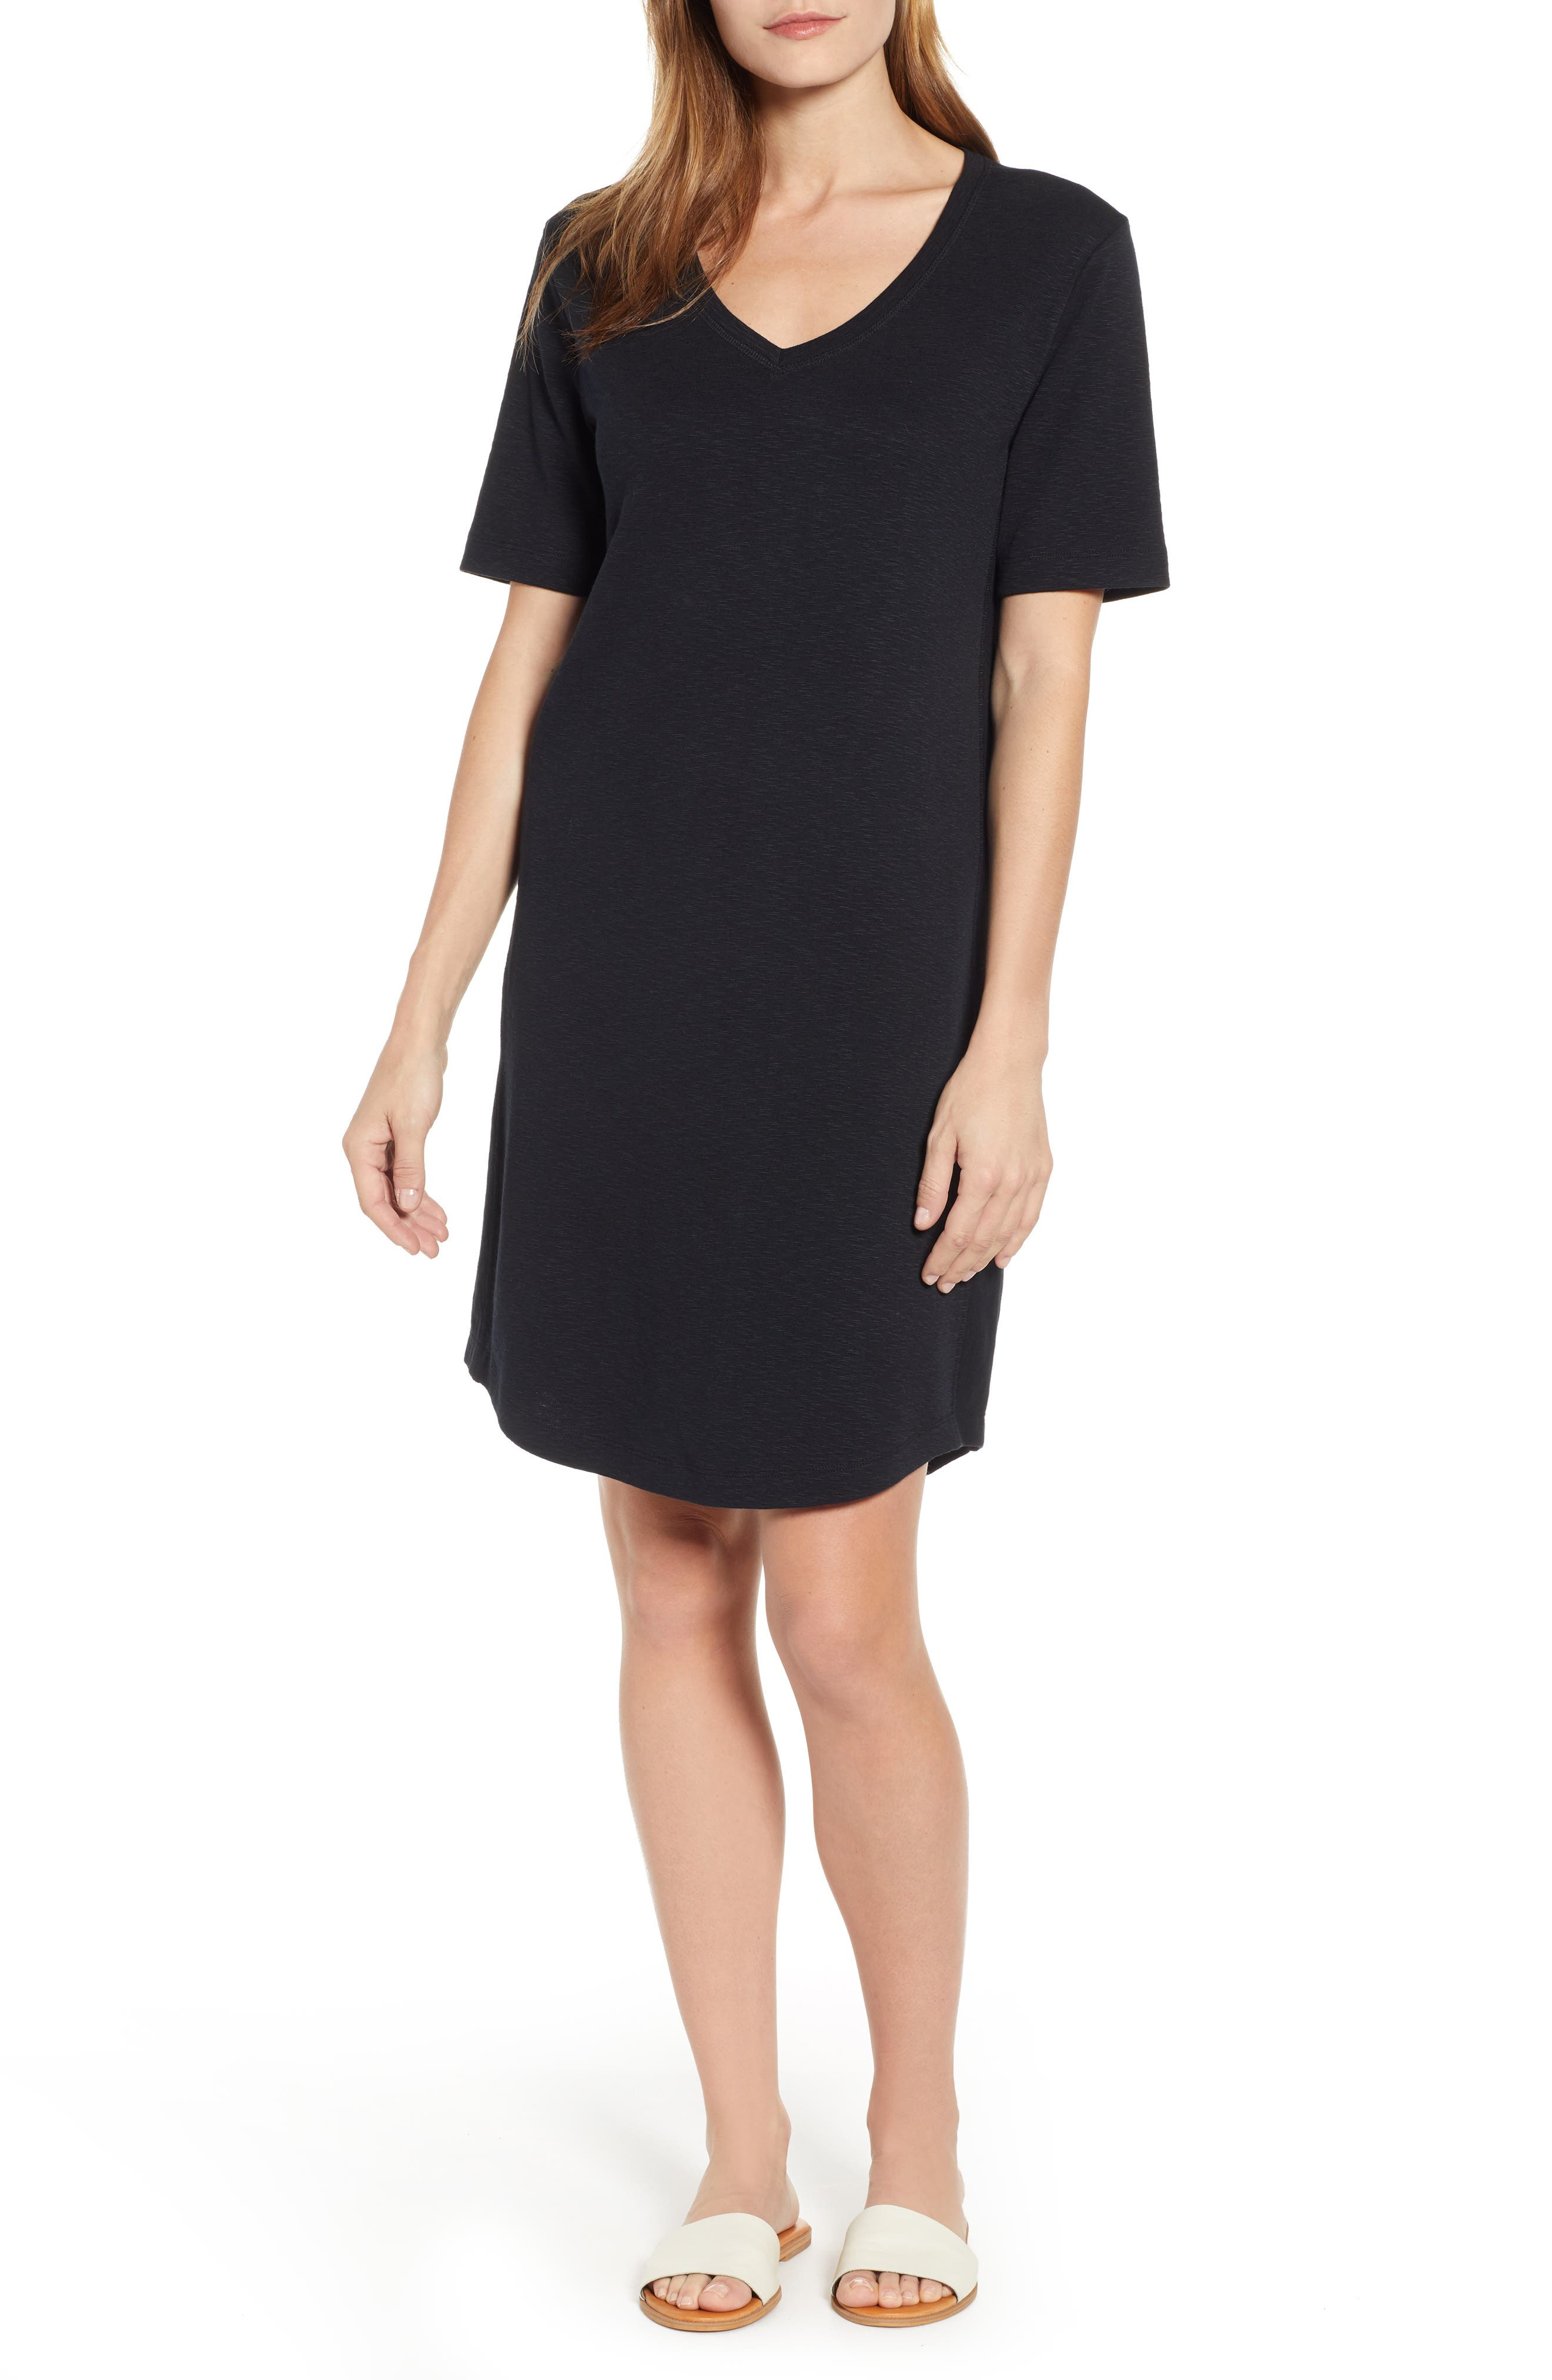 Petite Caslon Slub Knit Dress, White